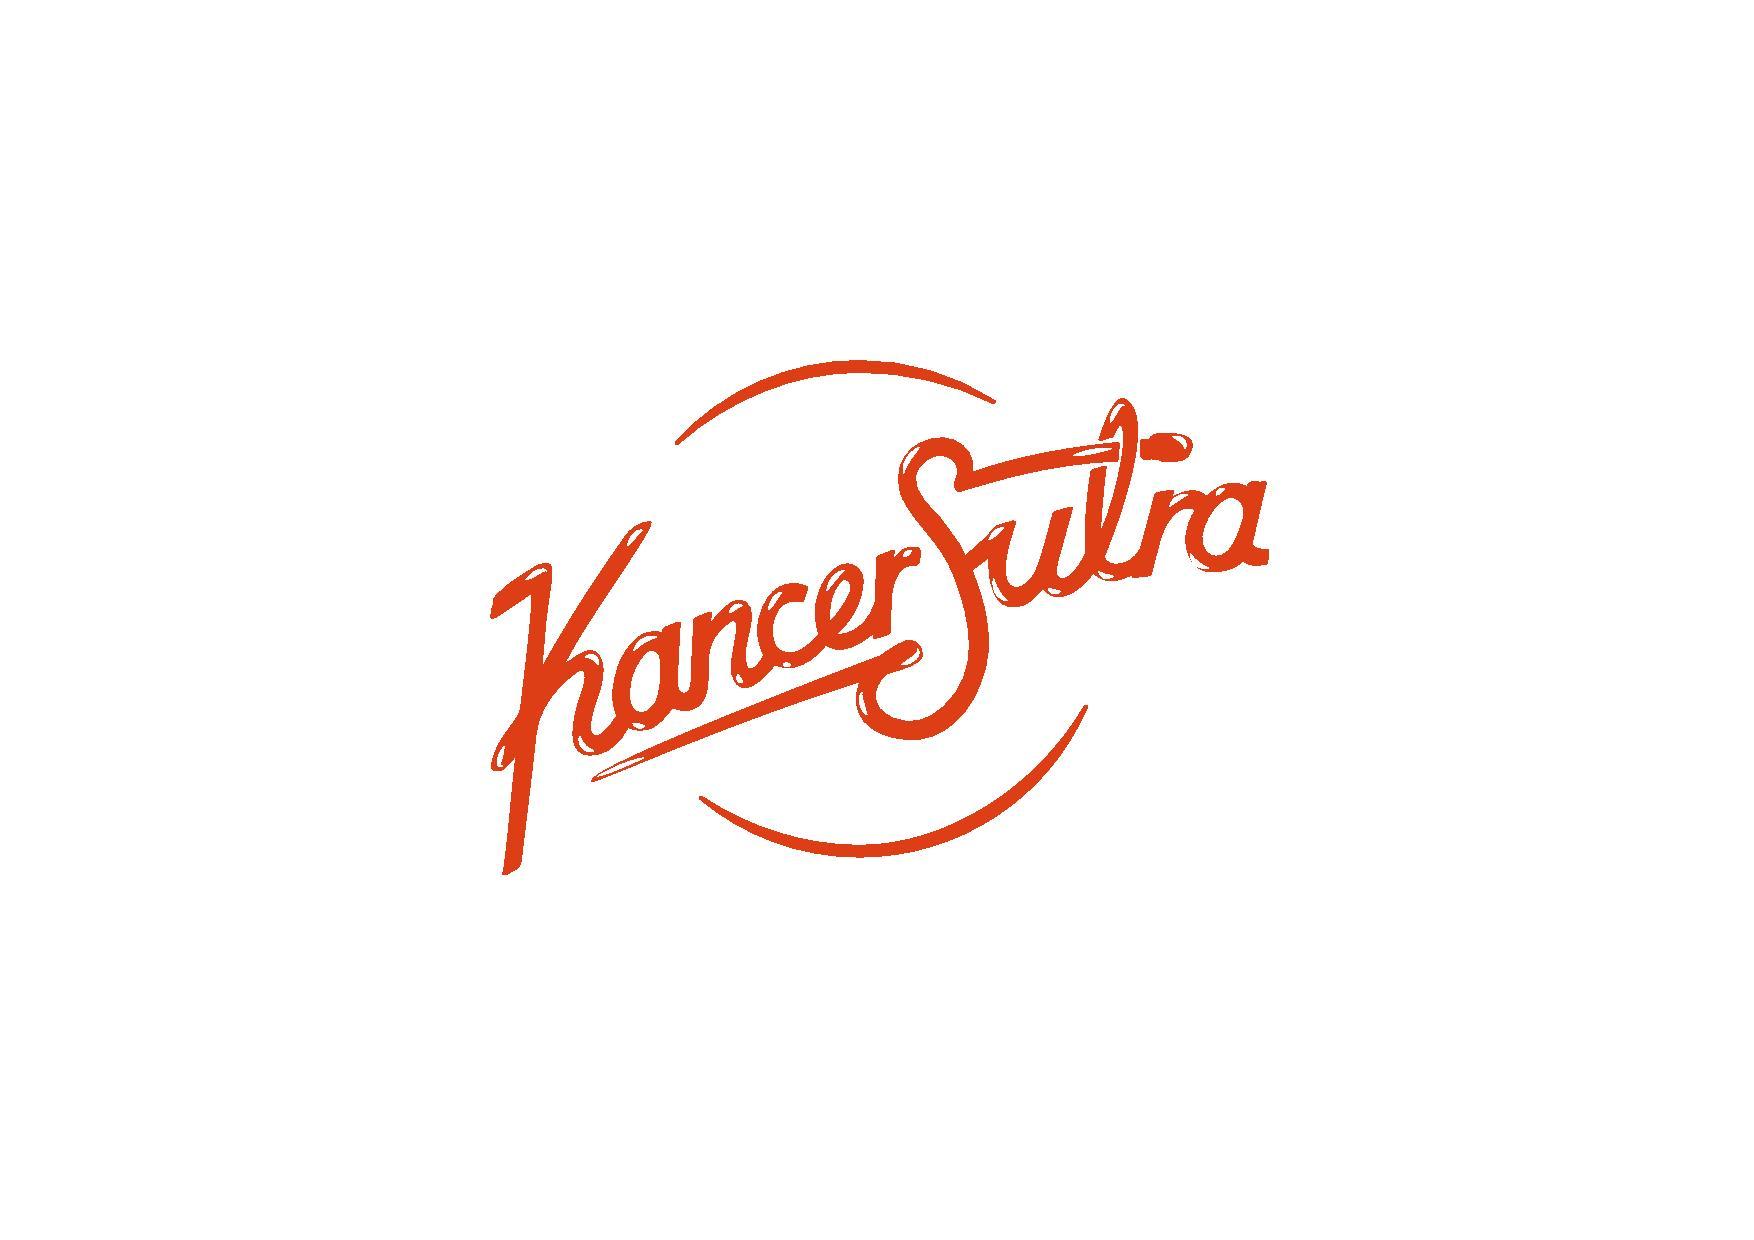 KANCERSUTRA_logo_CIRCLE_redRGB-page-001